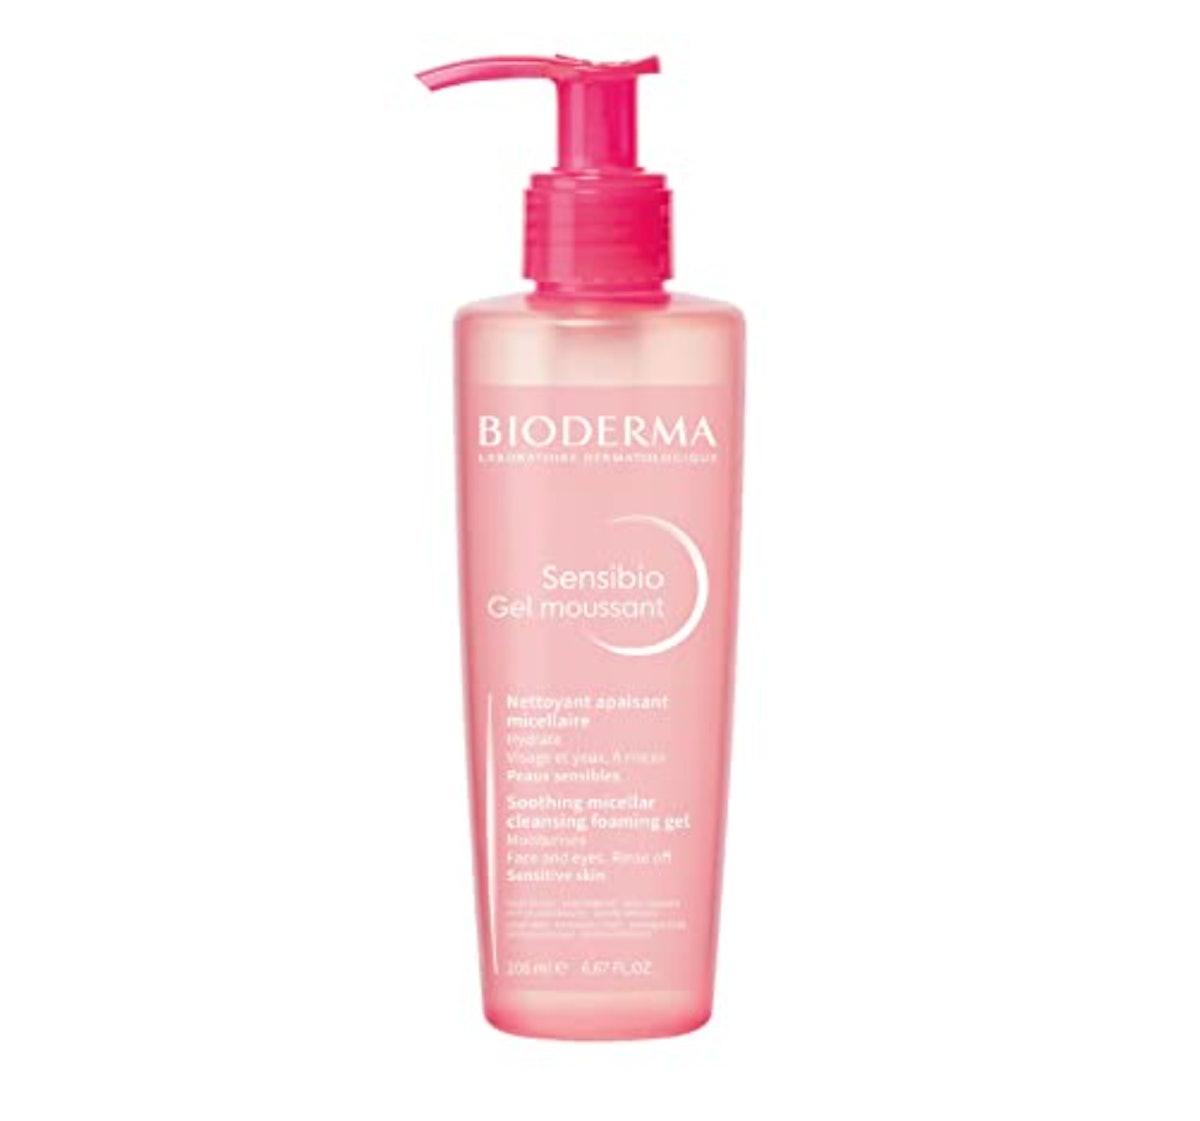 Bioderma - Face Cleanser